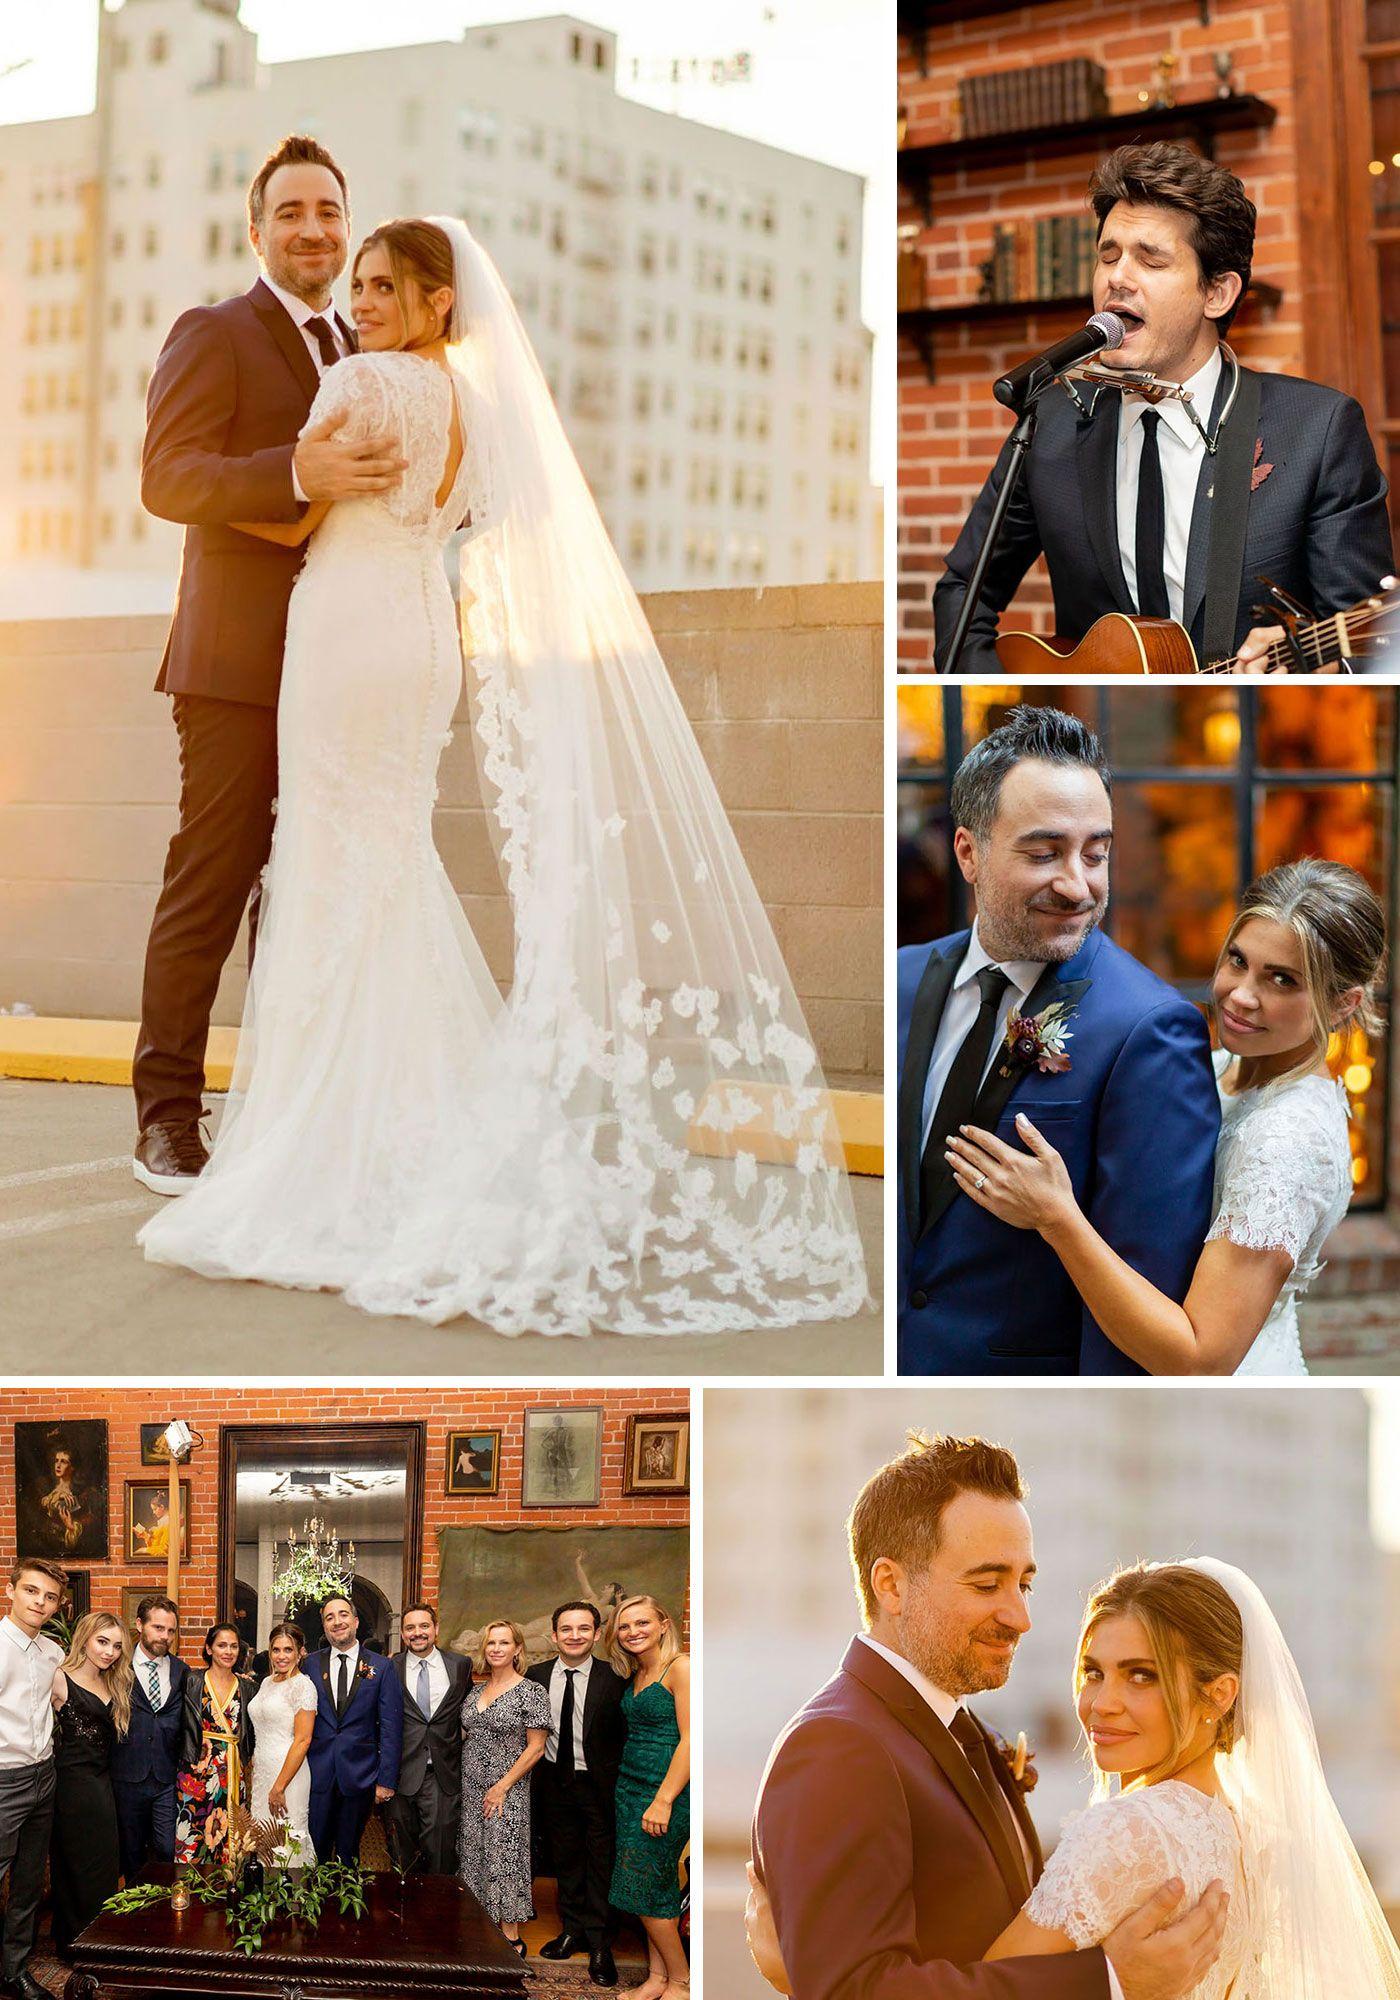 Danielle Fishel Wedding.The 10 Most Popular Weddings Of 2018 Wedding Dress Ideas